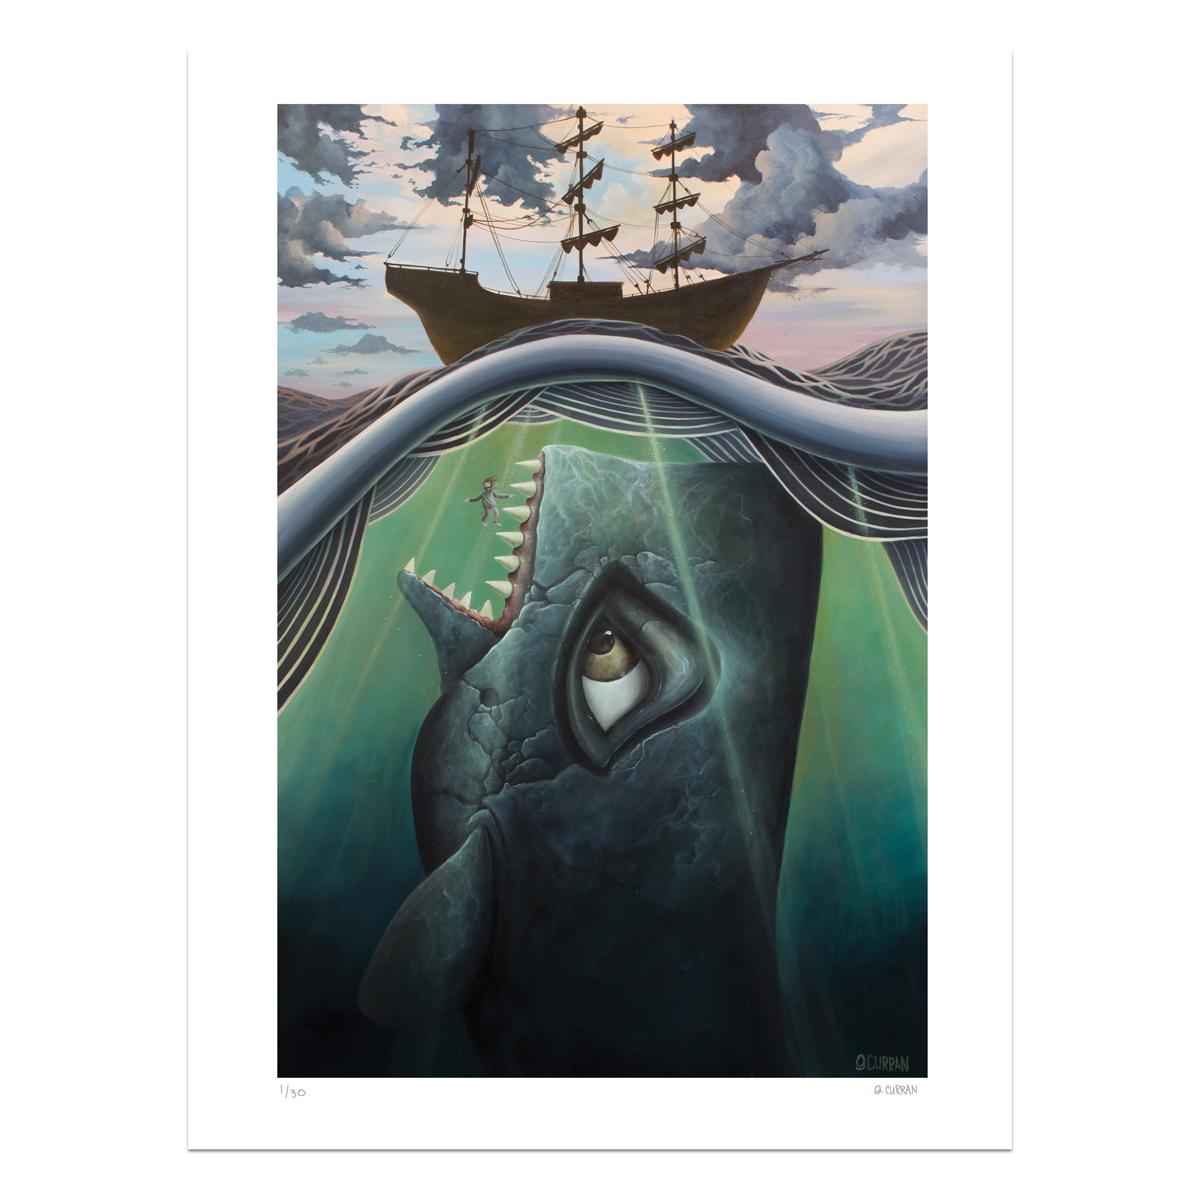 Jonah-Print-web.jpg